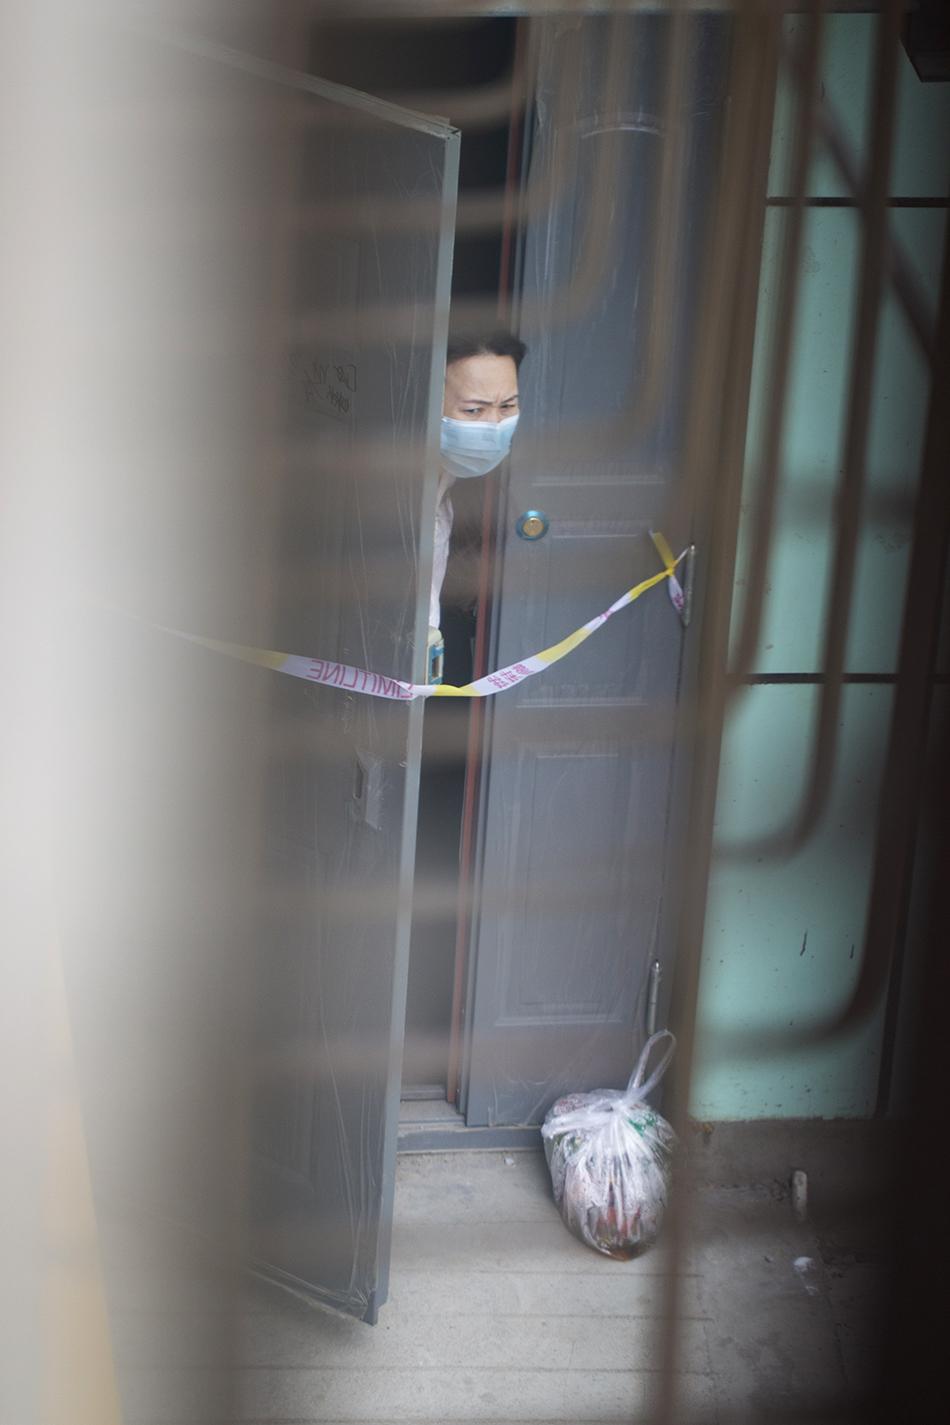 7月29日,乌鲁木齐市疫情防控措施依然严格,一个小区的单元门被拉上了隔离带,小区居民积极配合,封闭在家。买菜由志愿者送上门,倒垃圾也是服务到家。任春山/人民视觉 图